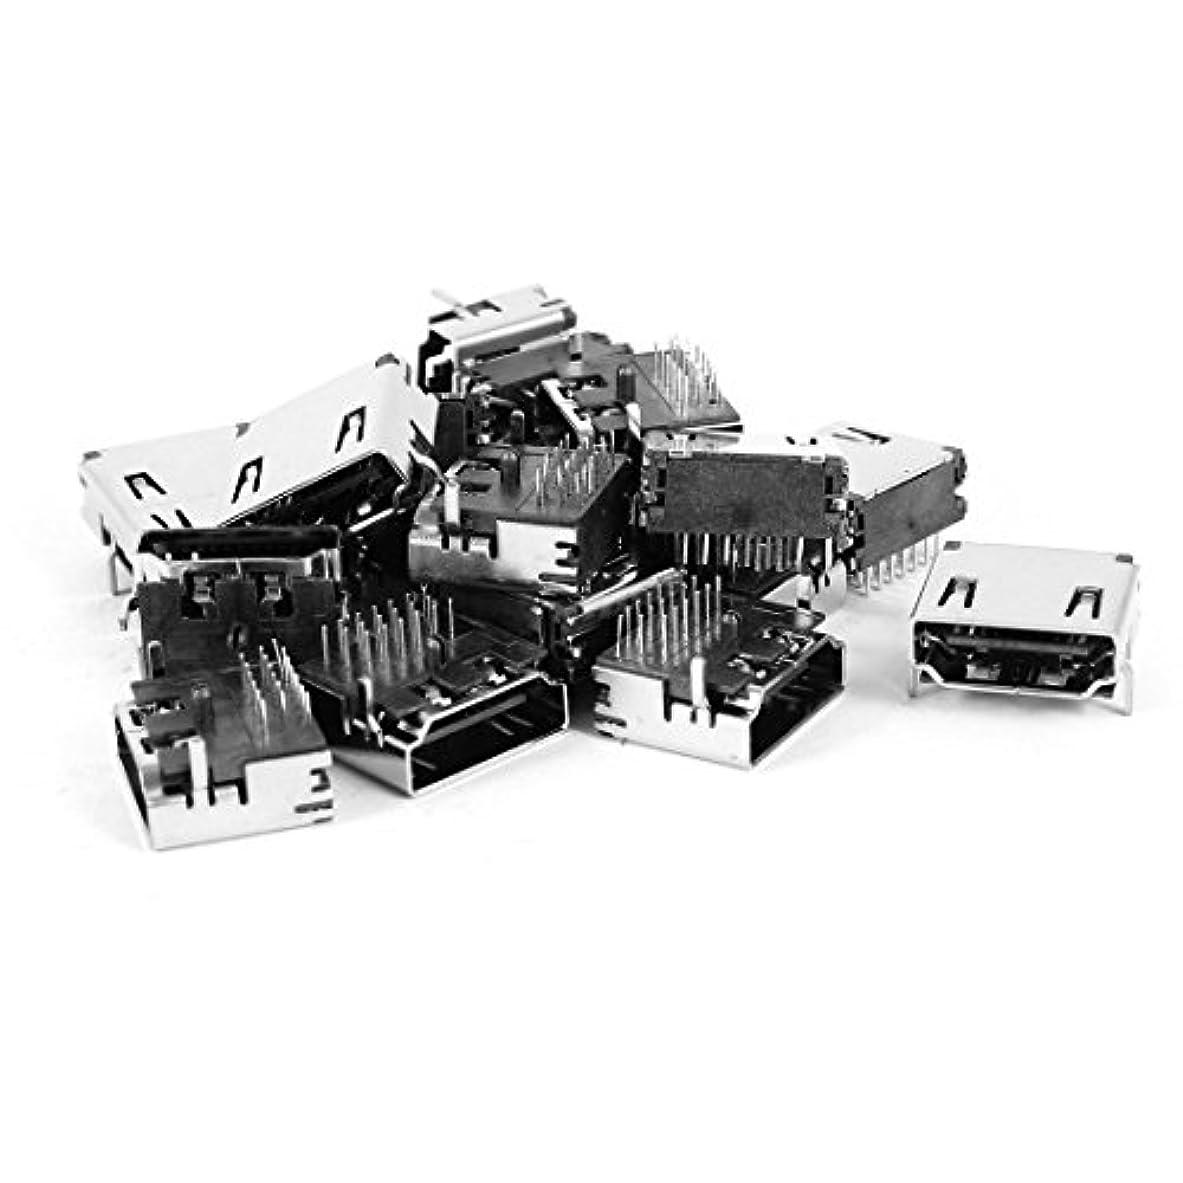 風邪をひく乱闘復活させるuxcell HDMIジャック Aメスコネクタ基板実装ジャック 20個 19ピン 90度 ソケット ブラック